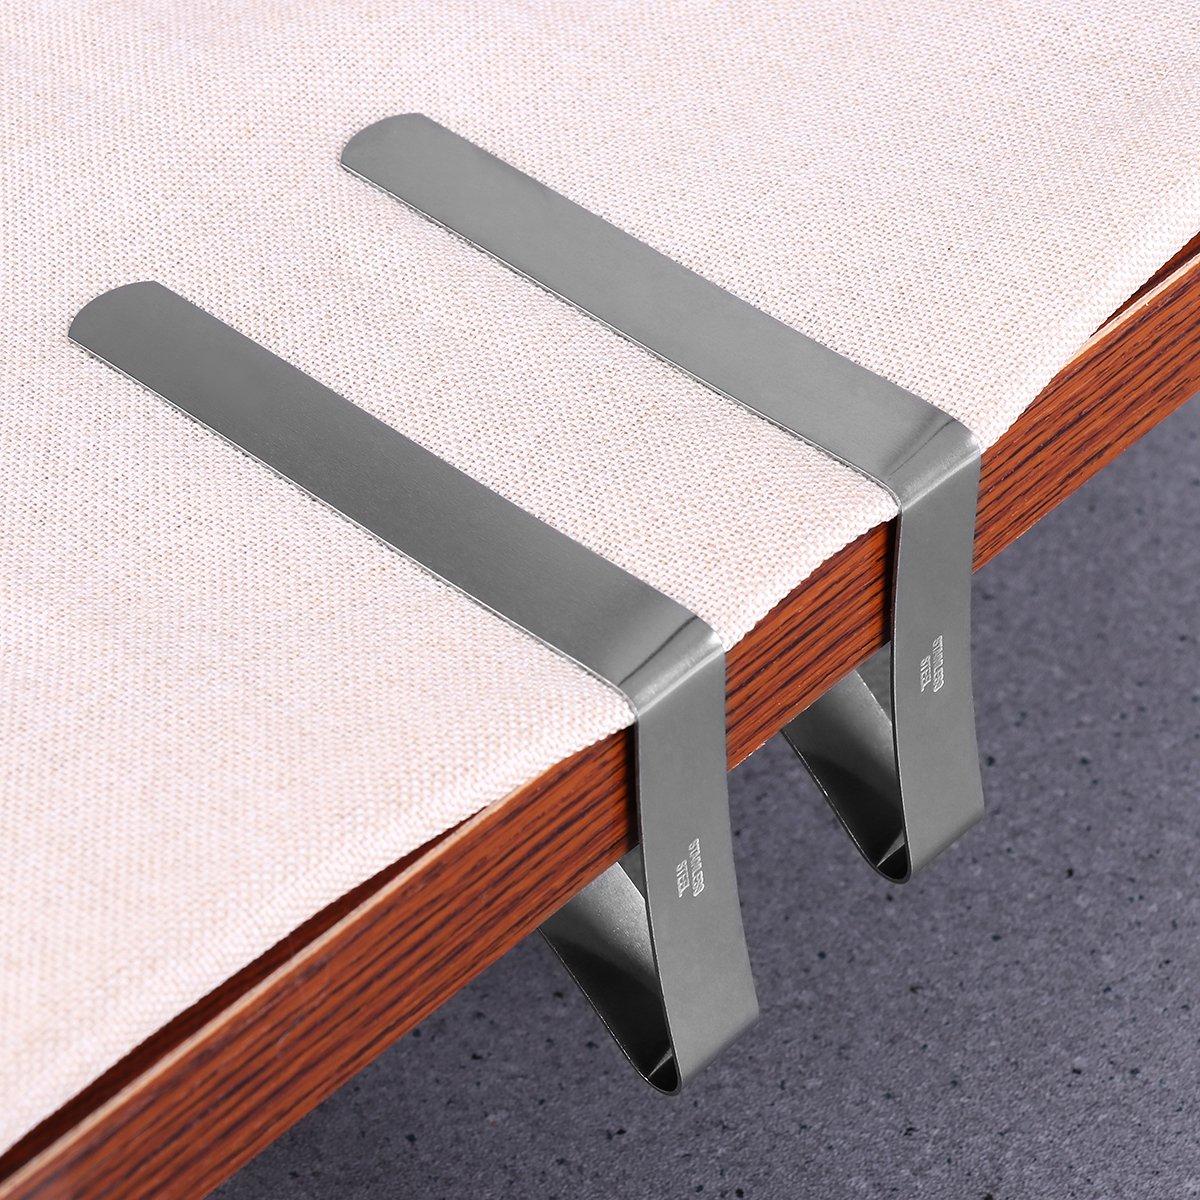 OUNONA 20 st/ücke Tischtuchklammern Edelstahl Klammern f/ür Tischdecken